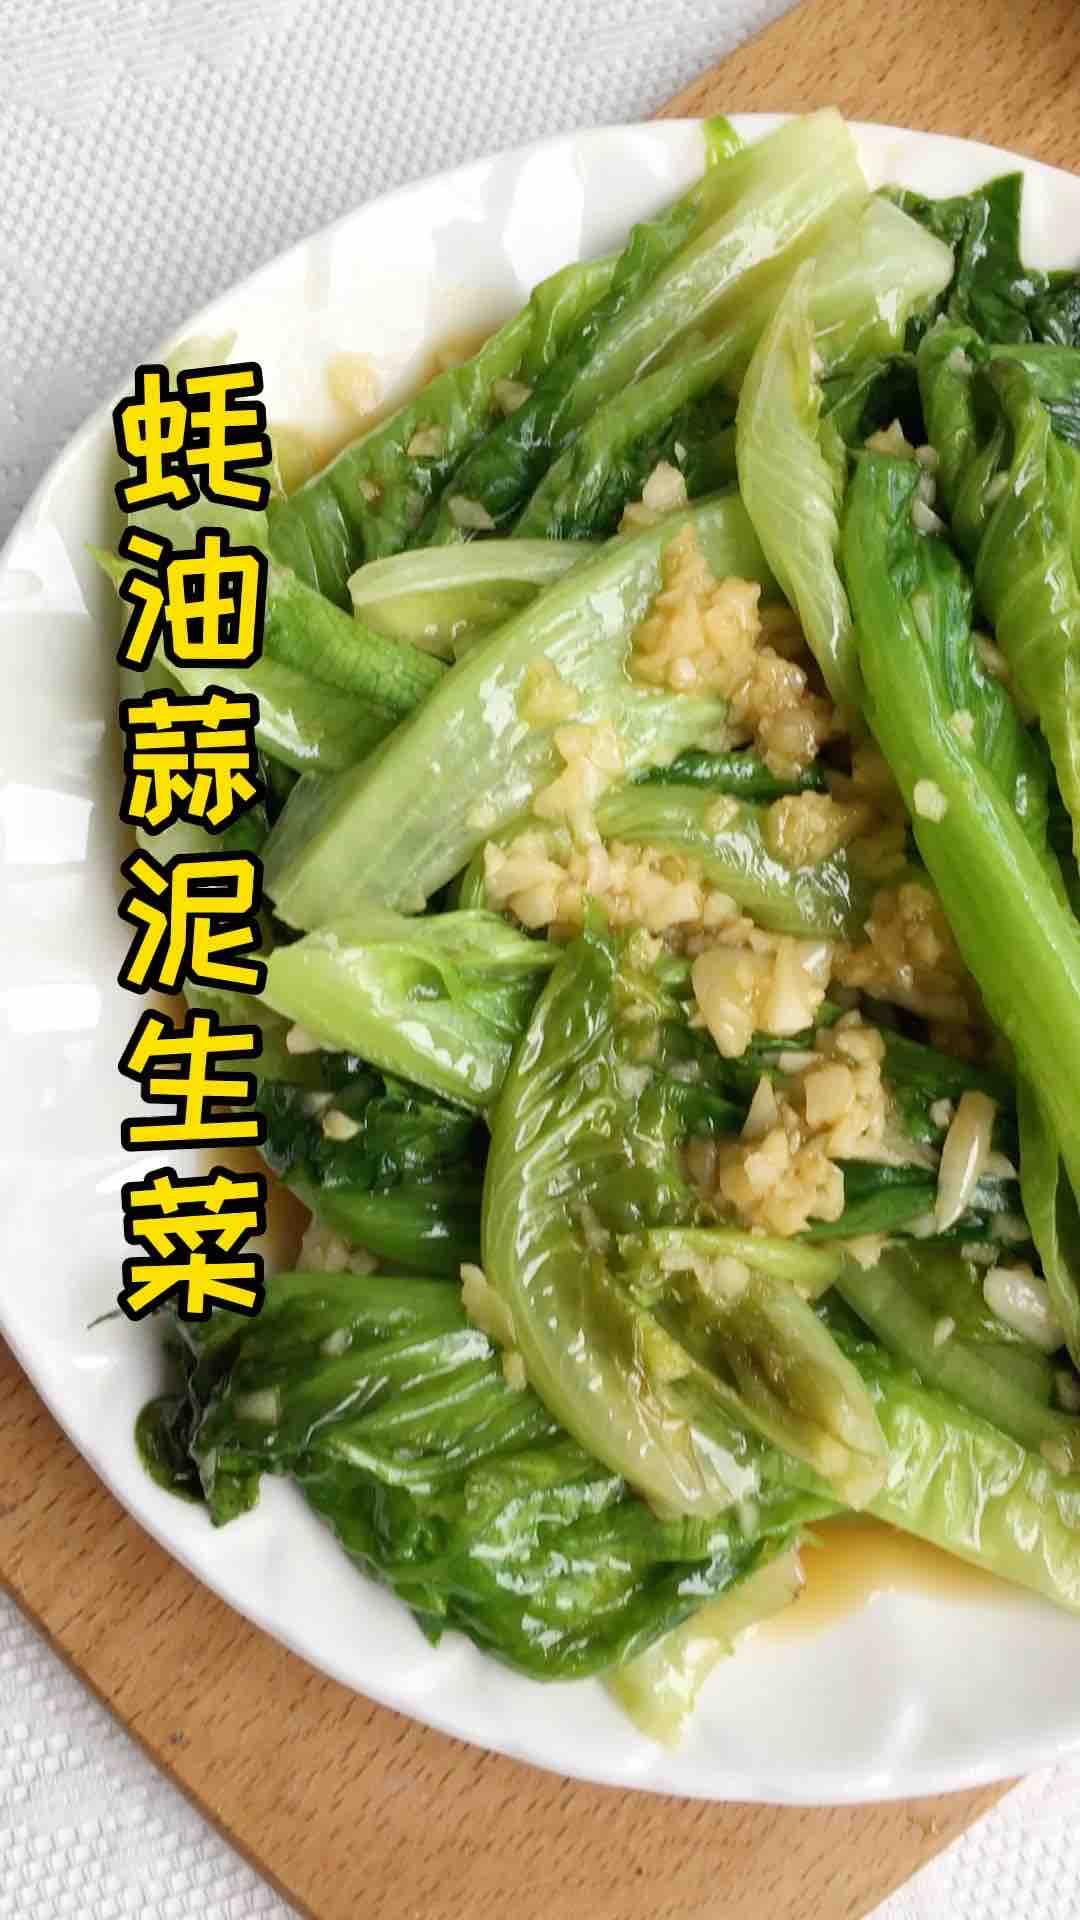 蚝油蒜泥生菜的做法